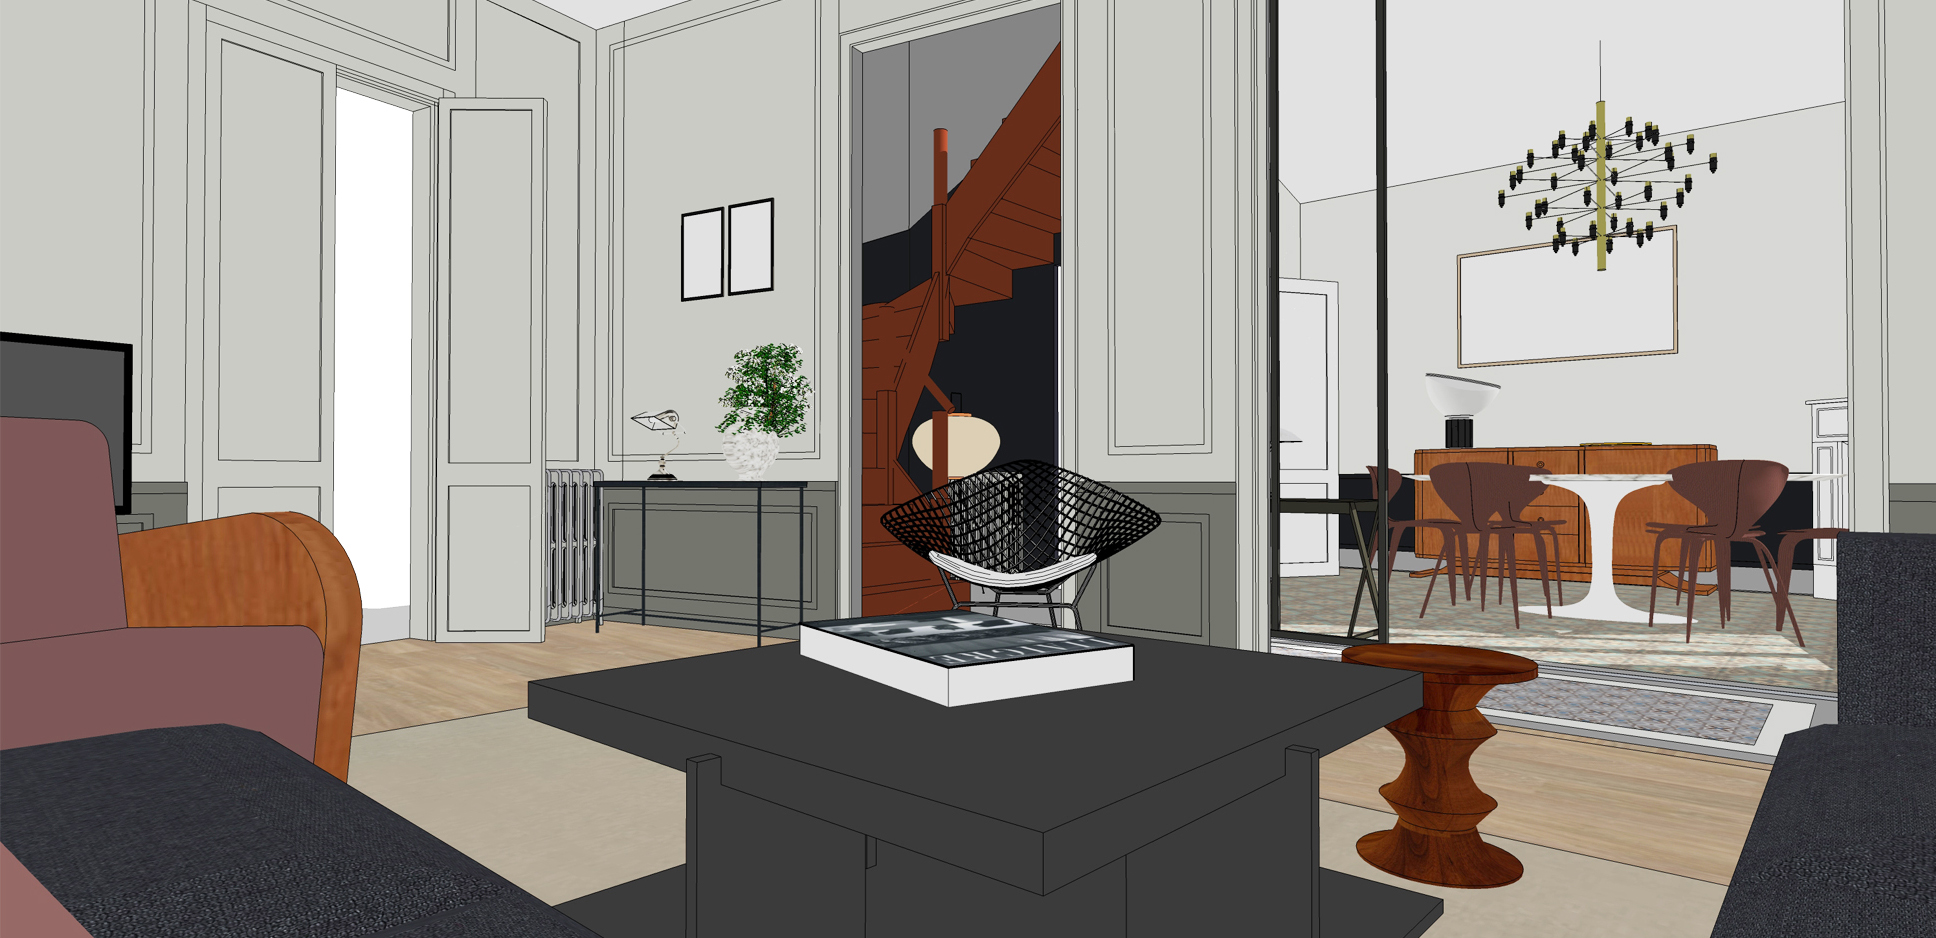 Architecte intérieur Nantes Delphine